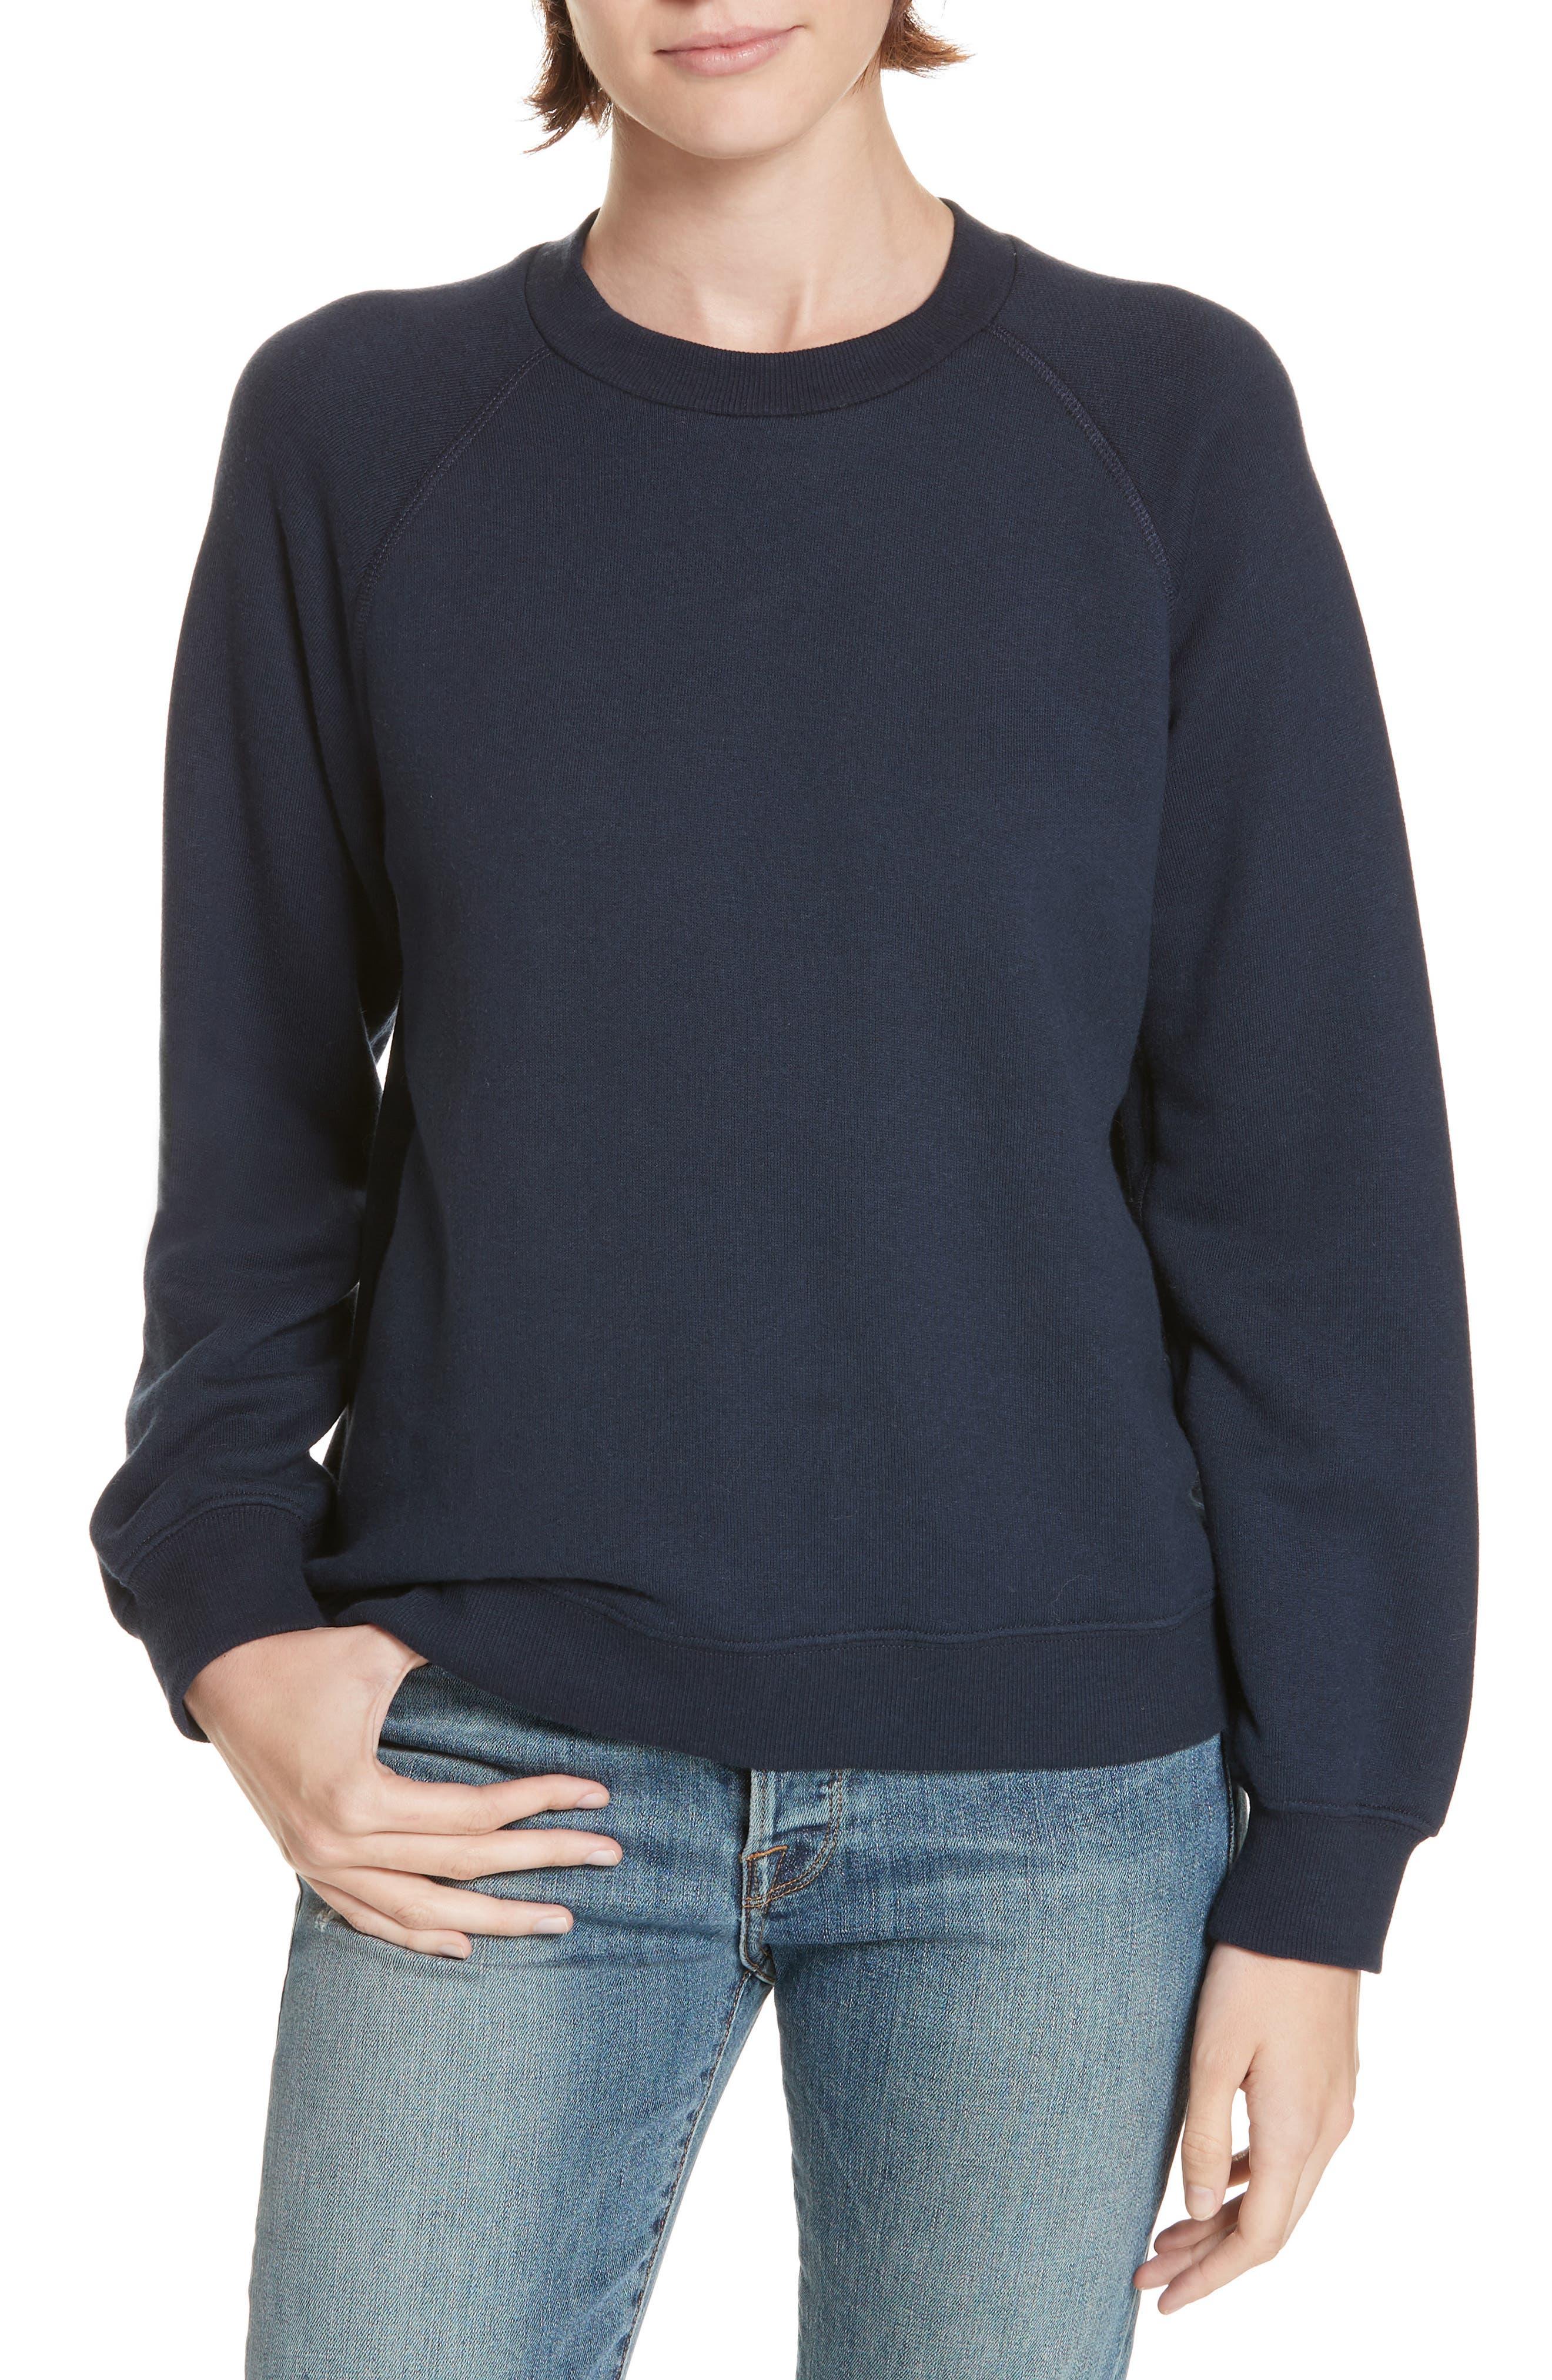 196e516b57d jenni kayne shop for women - women s jenni kayne catalogue - Cools.com